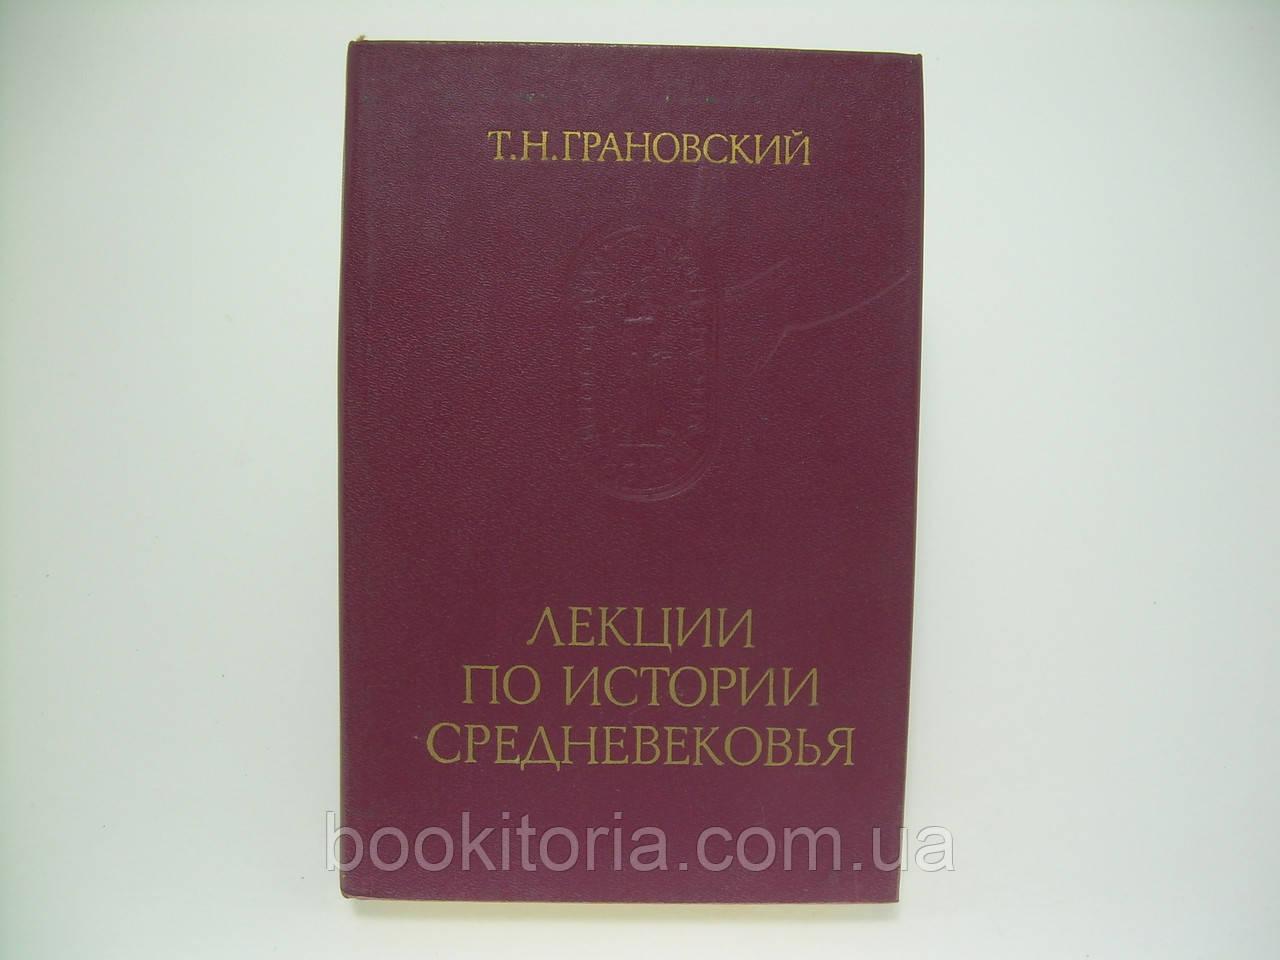 Грановский Т.Н. Лекции по истории средневековья (б/у).